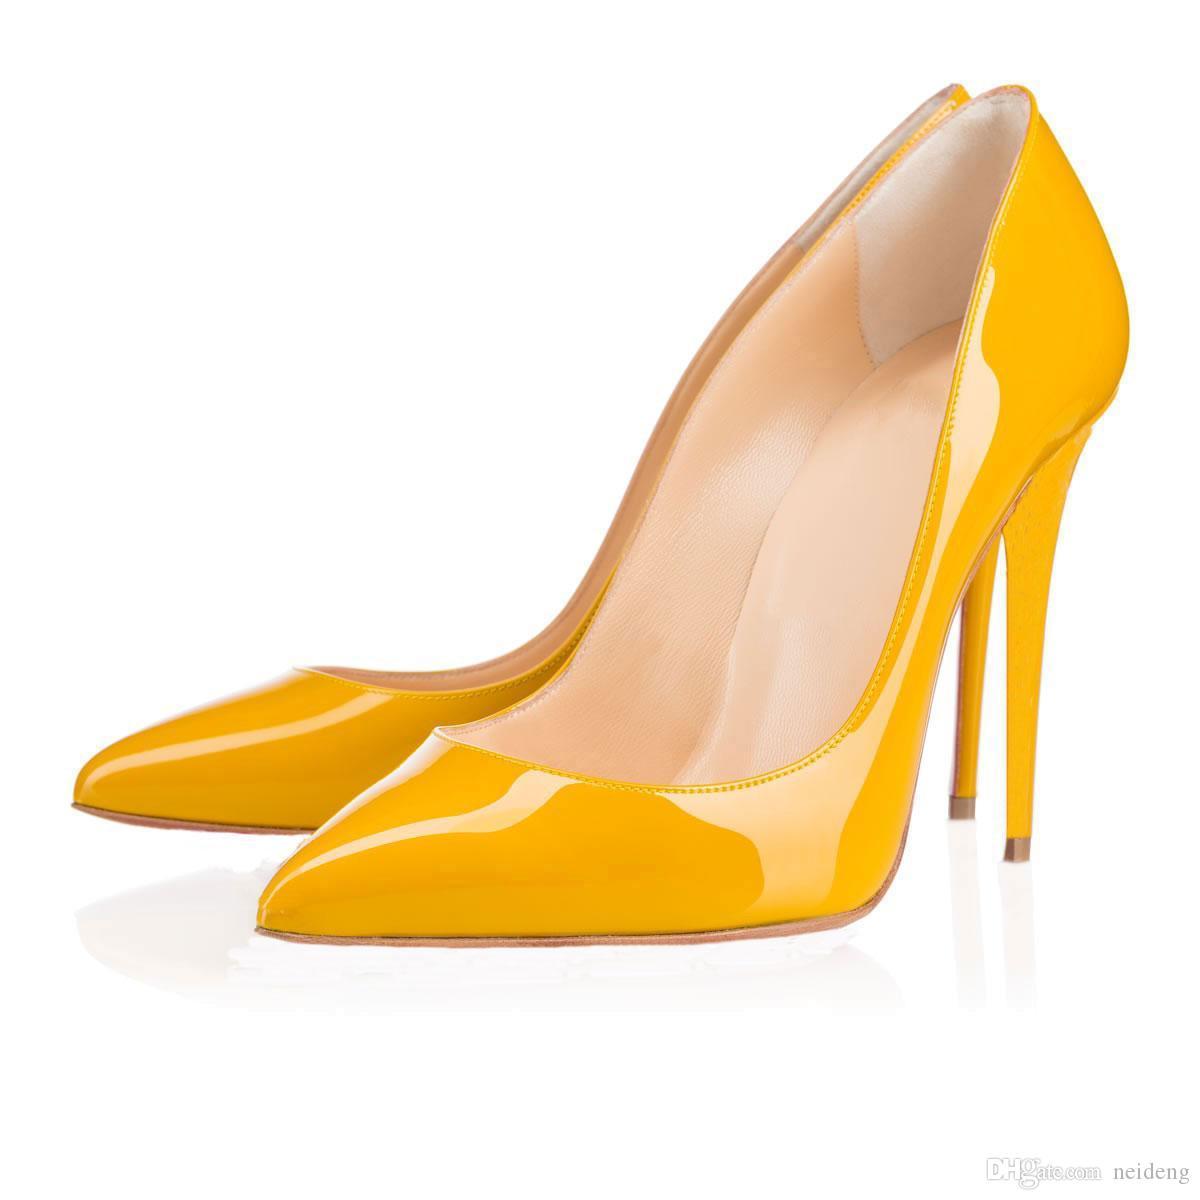 Sıcak satış-2019 Moda lüks tasarımcı bayan ayakkabı yüksek topuklu 8 ile 10 cm 12cm Nü siyah, kırmızı deri Sivri Ayak parmakları dipleri Elbise ayakkabı pompaları